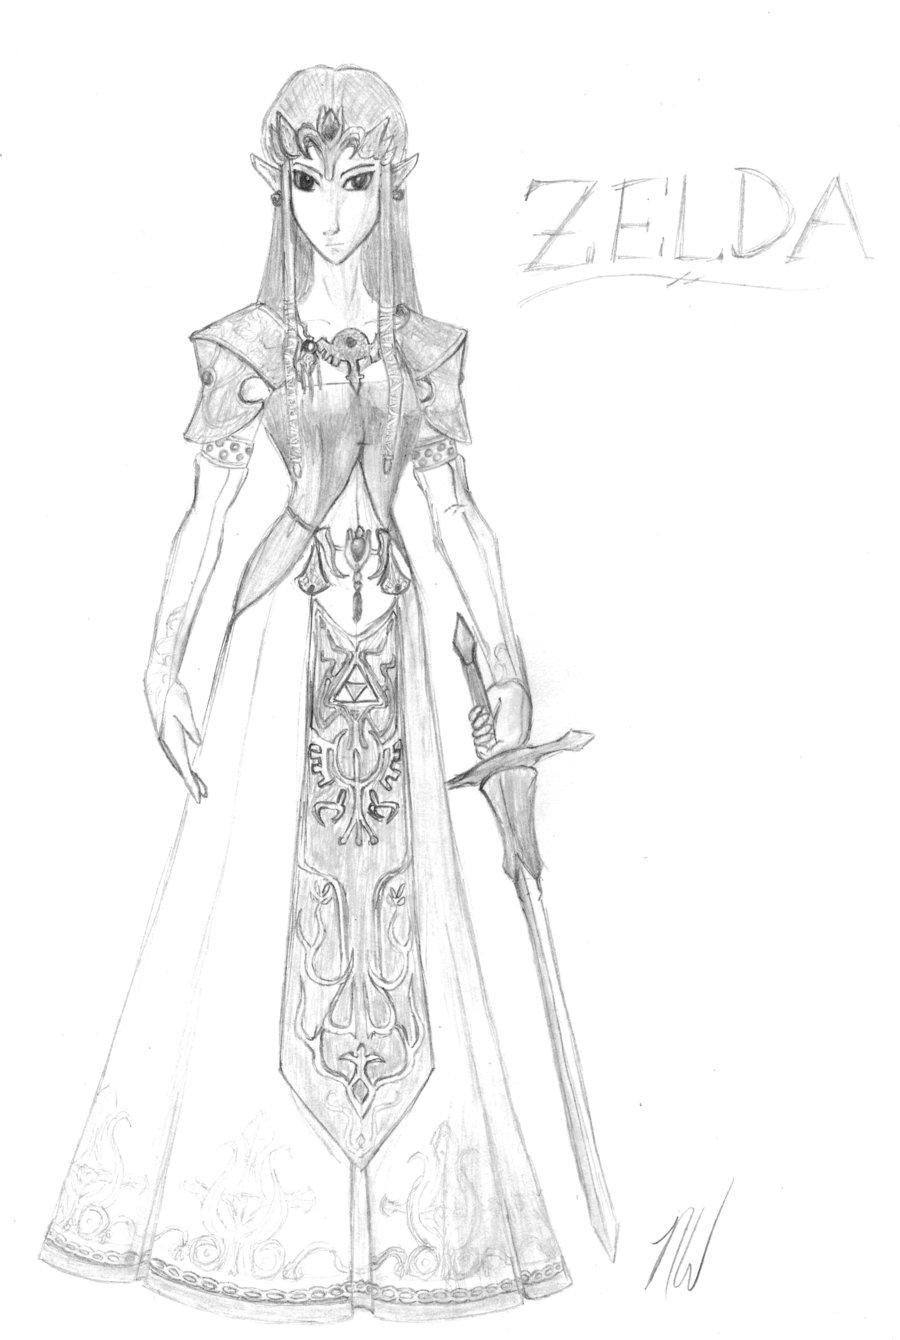 Drawn princess zelda twilight princess Twilight by Zelda Princess freak4zelda